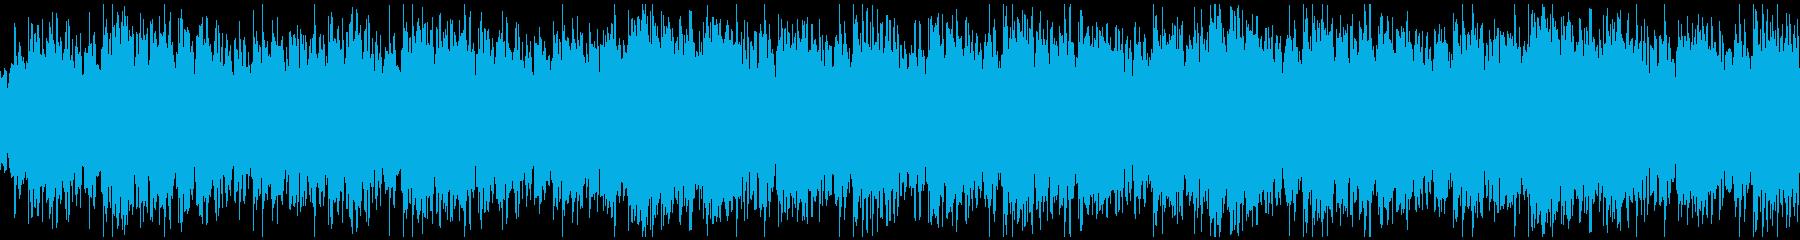 アンビエント系BGMの再生済みの波形